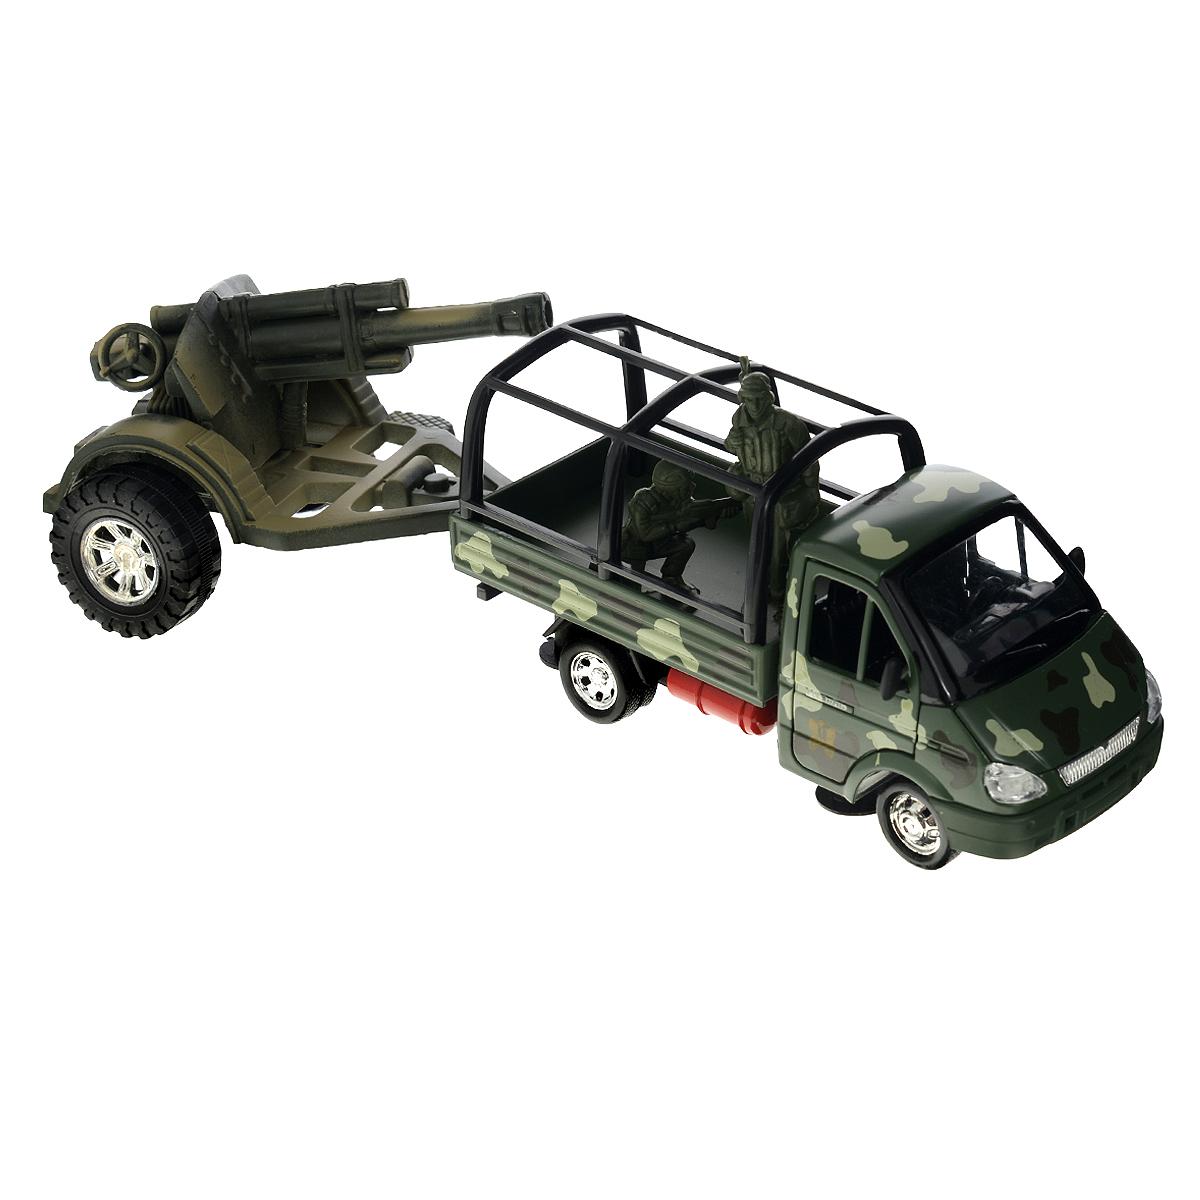 ТехноПарк Модель автомобиля Газель с пушкойGAZKUNG07-R_с пушкойКоллекционная модель ТехноПарк Газель с пушкой выполнена в виде точной копии военной машины с пушкой в масштабе 1/43. Такая модель понравится не только ребенку, но и взрослому коллекционеру, и приятно удивит высочайшим качеством исполнения. Кабина газели выполнена из металла, кузов из пластика, а лобовое стекло из прозрачного пластика. Двери автомобиля открываются. Машинка оснащена инерционным механизмом: стоит откатить игрушку назад, затем отпустить - и она молниеносно поедет вперед. Прорезиненные колеса обеспечивают надежное сцепление с любой поверхностью пола. Пушка с вращающимися колесами выполнена из пластика, ее можно отсоединить от газели. В набор также входят 2 фигурки солдат. Коллекционная модель отличается великолепным качеством исполнения и детальной проработкой, она станет не только интересной игрушкой для ребенка, интересующегося военной техникой, но и займет достойное место в коллекции.